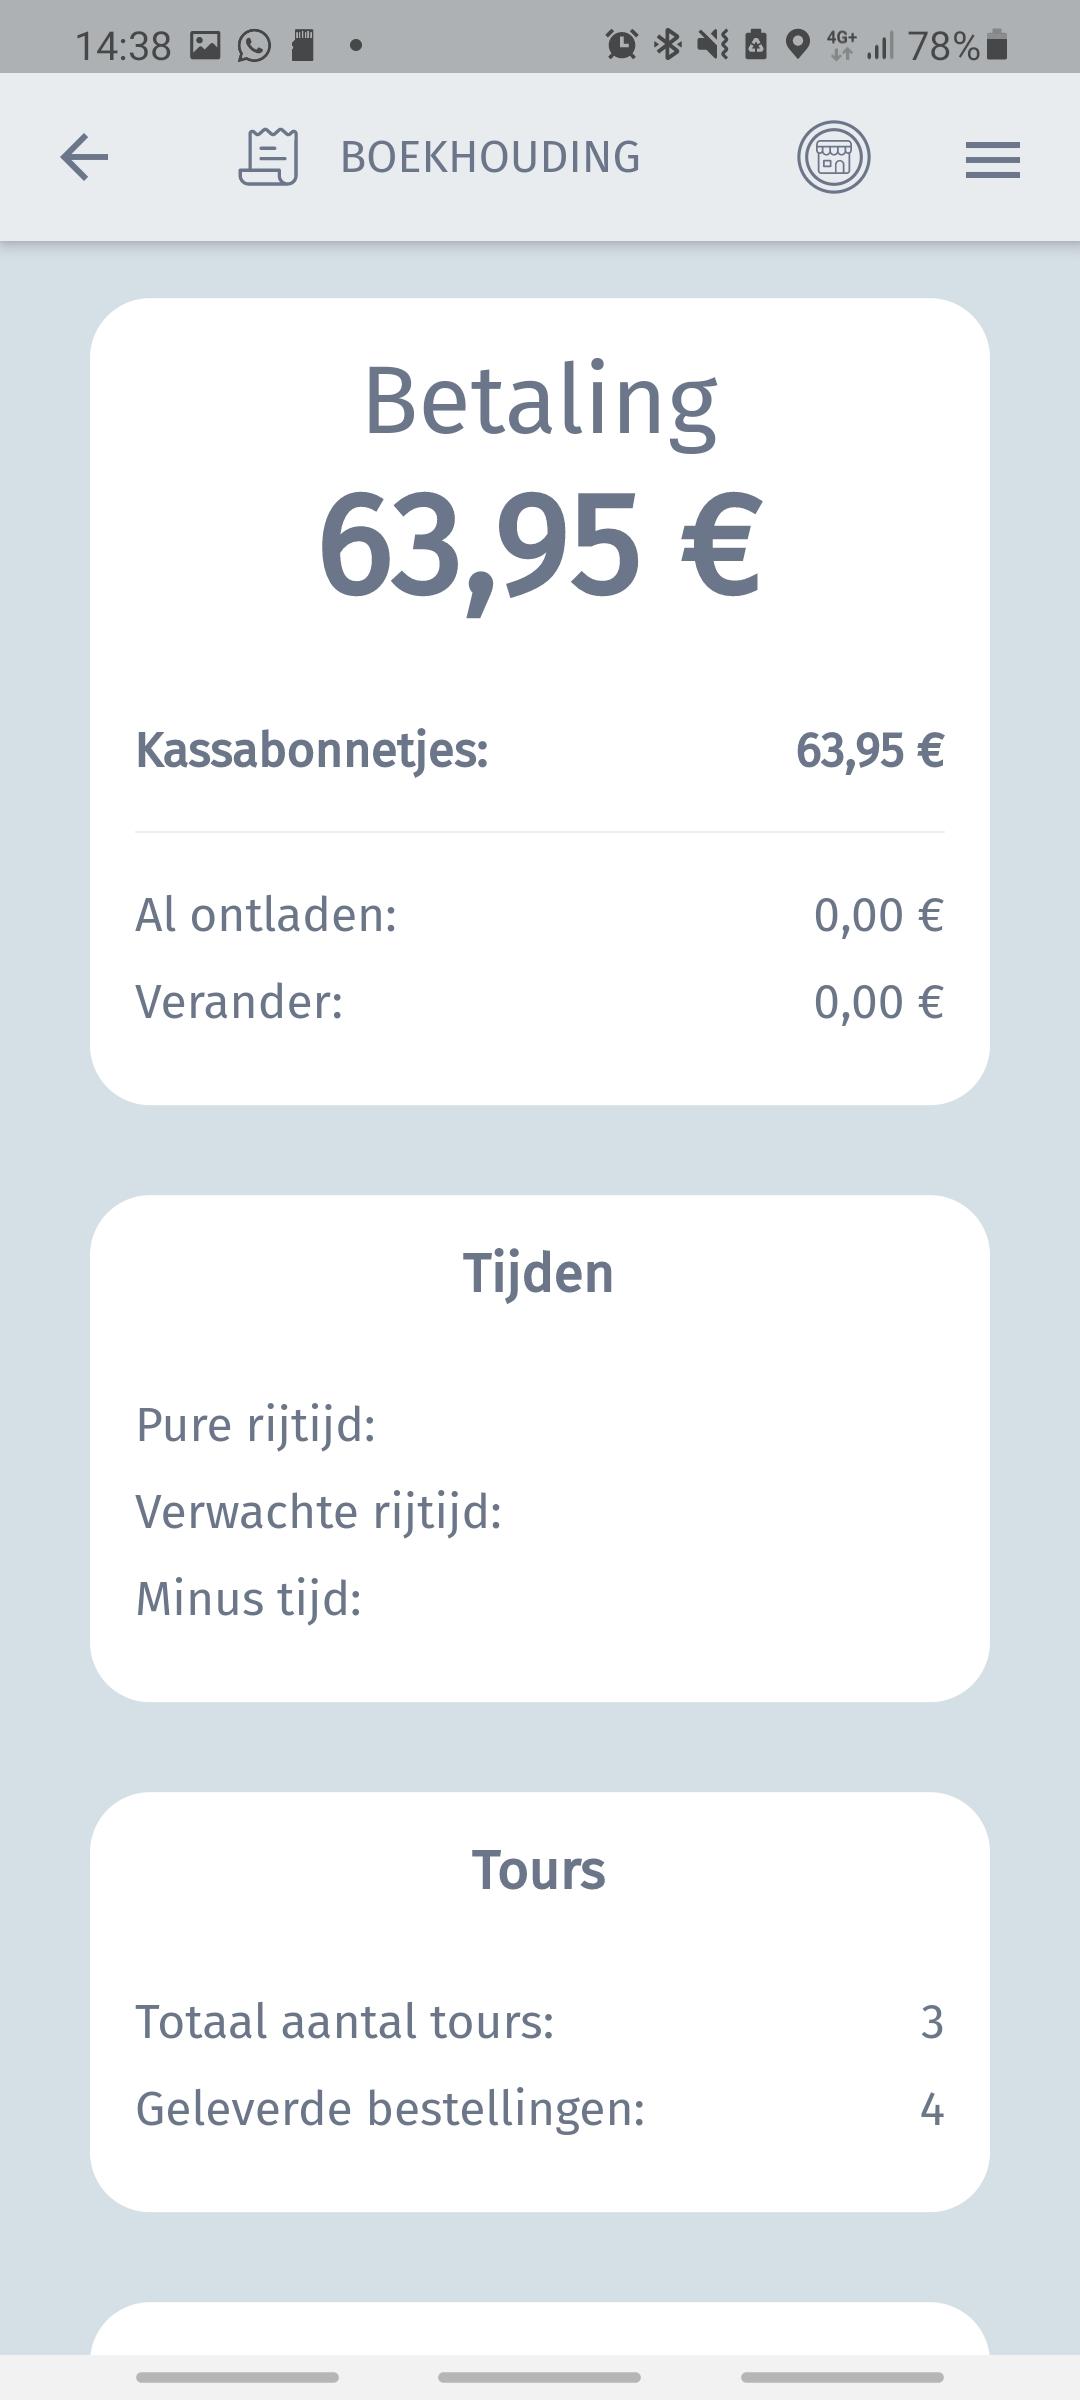 Betalingen - een overzicht van contant geld